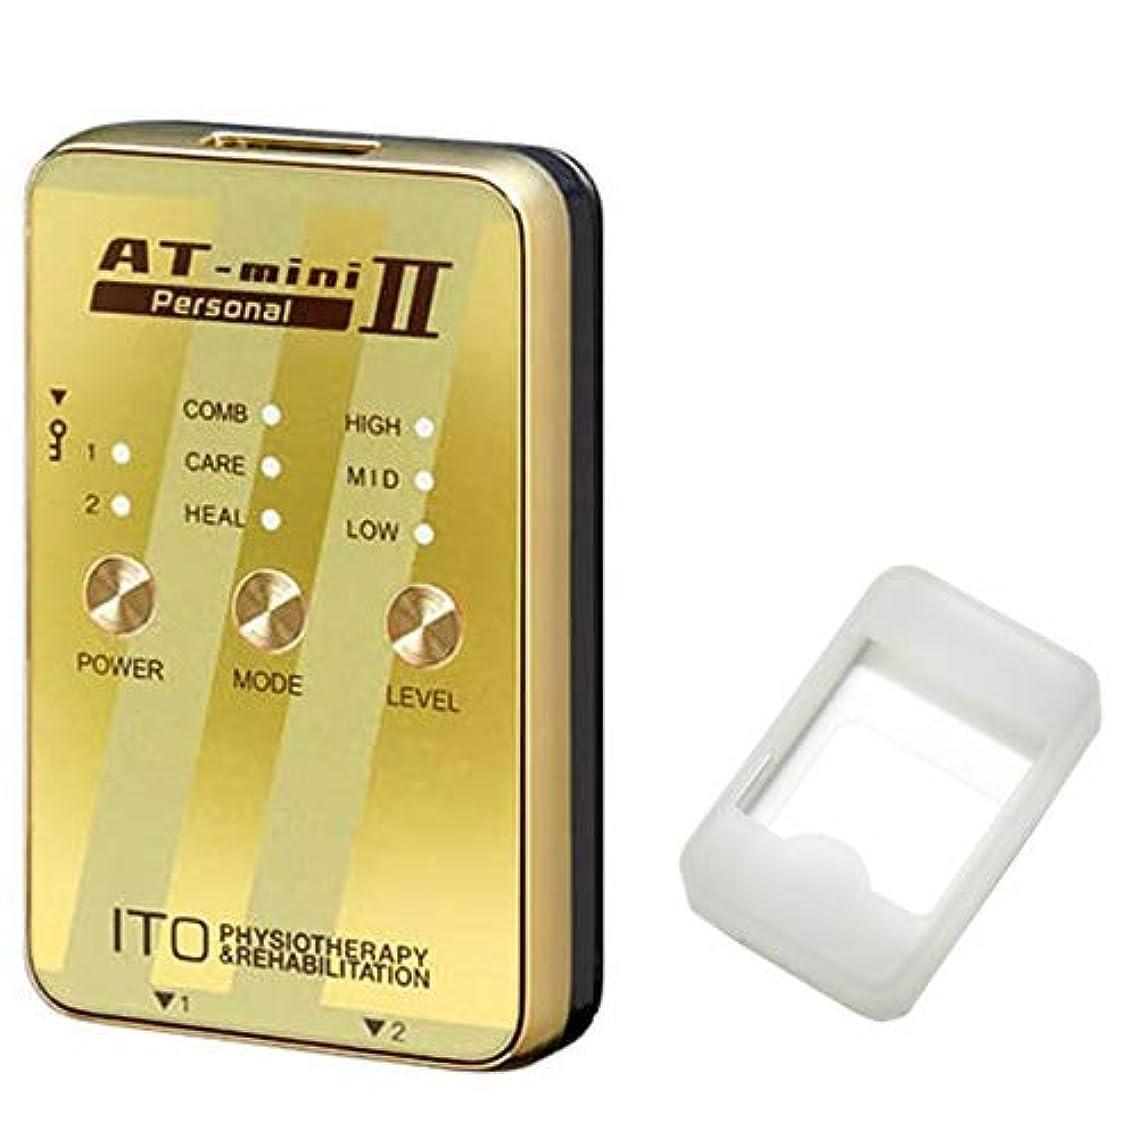 ゾーン巨大拘束する低周波治療器 AT-mini personal II ゴールド (ATミニパーソナル2) + シリコン保護ケース